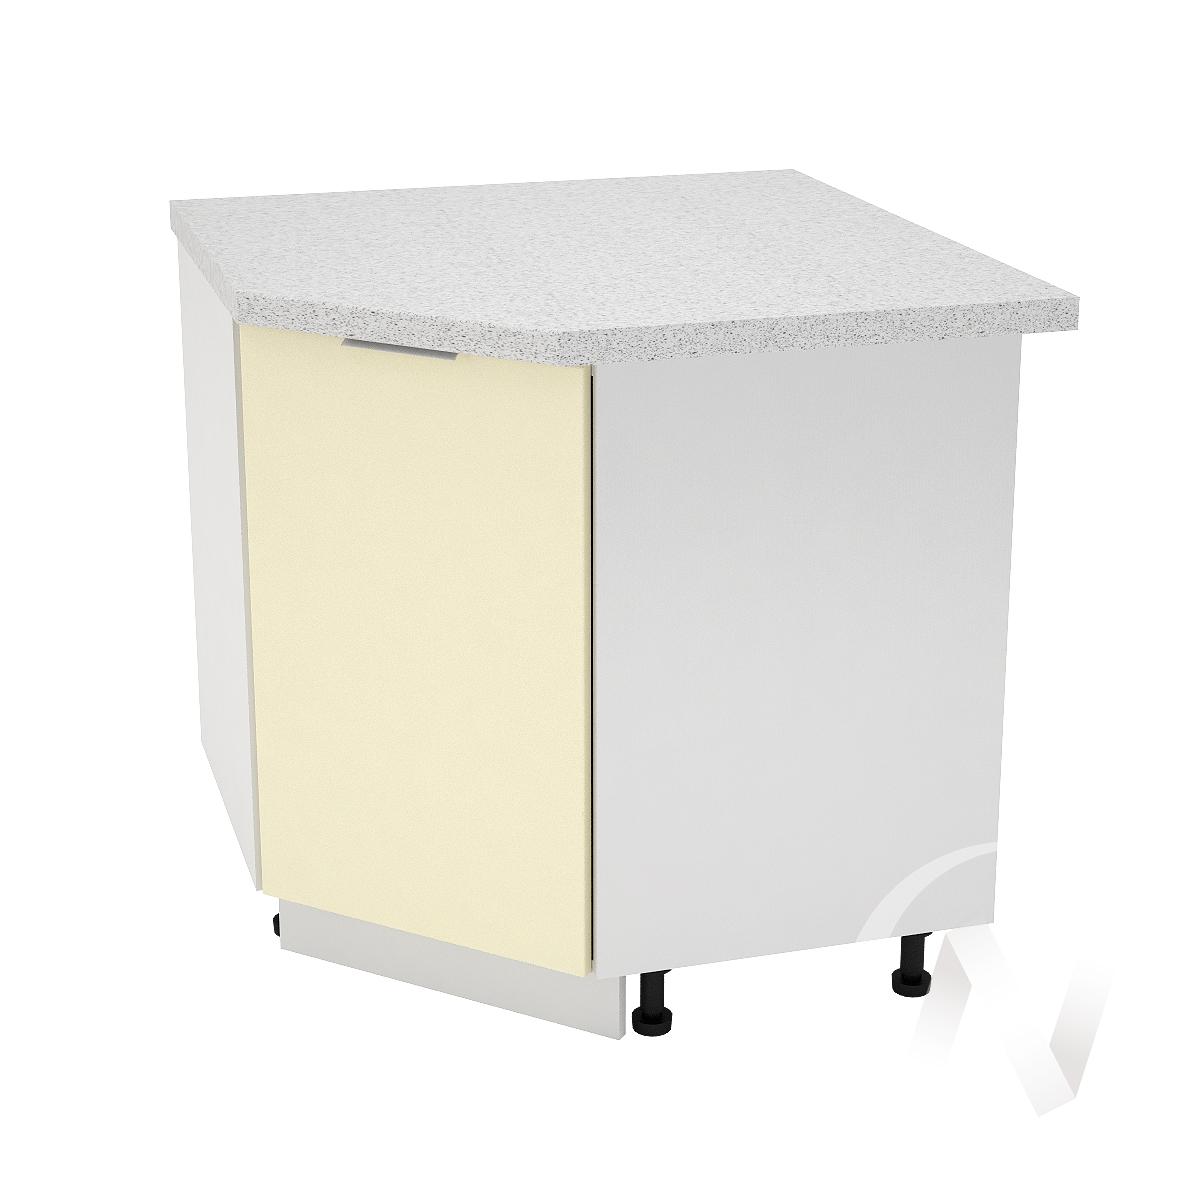 """Кухня """"Терра"""": Шкаф нижний угловой 890, ШНУ 890 (ваниль софт/корпус белый)"""